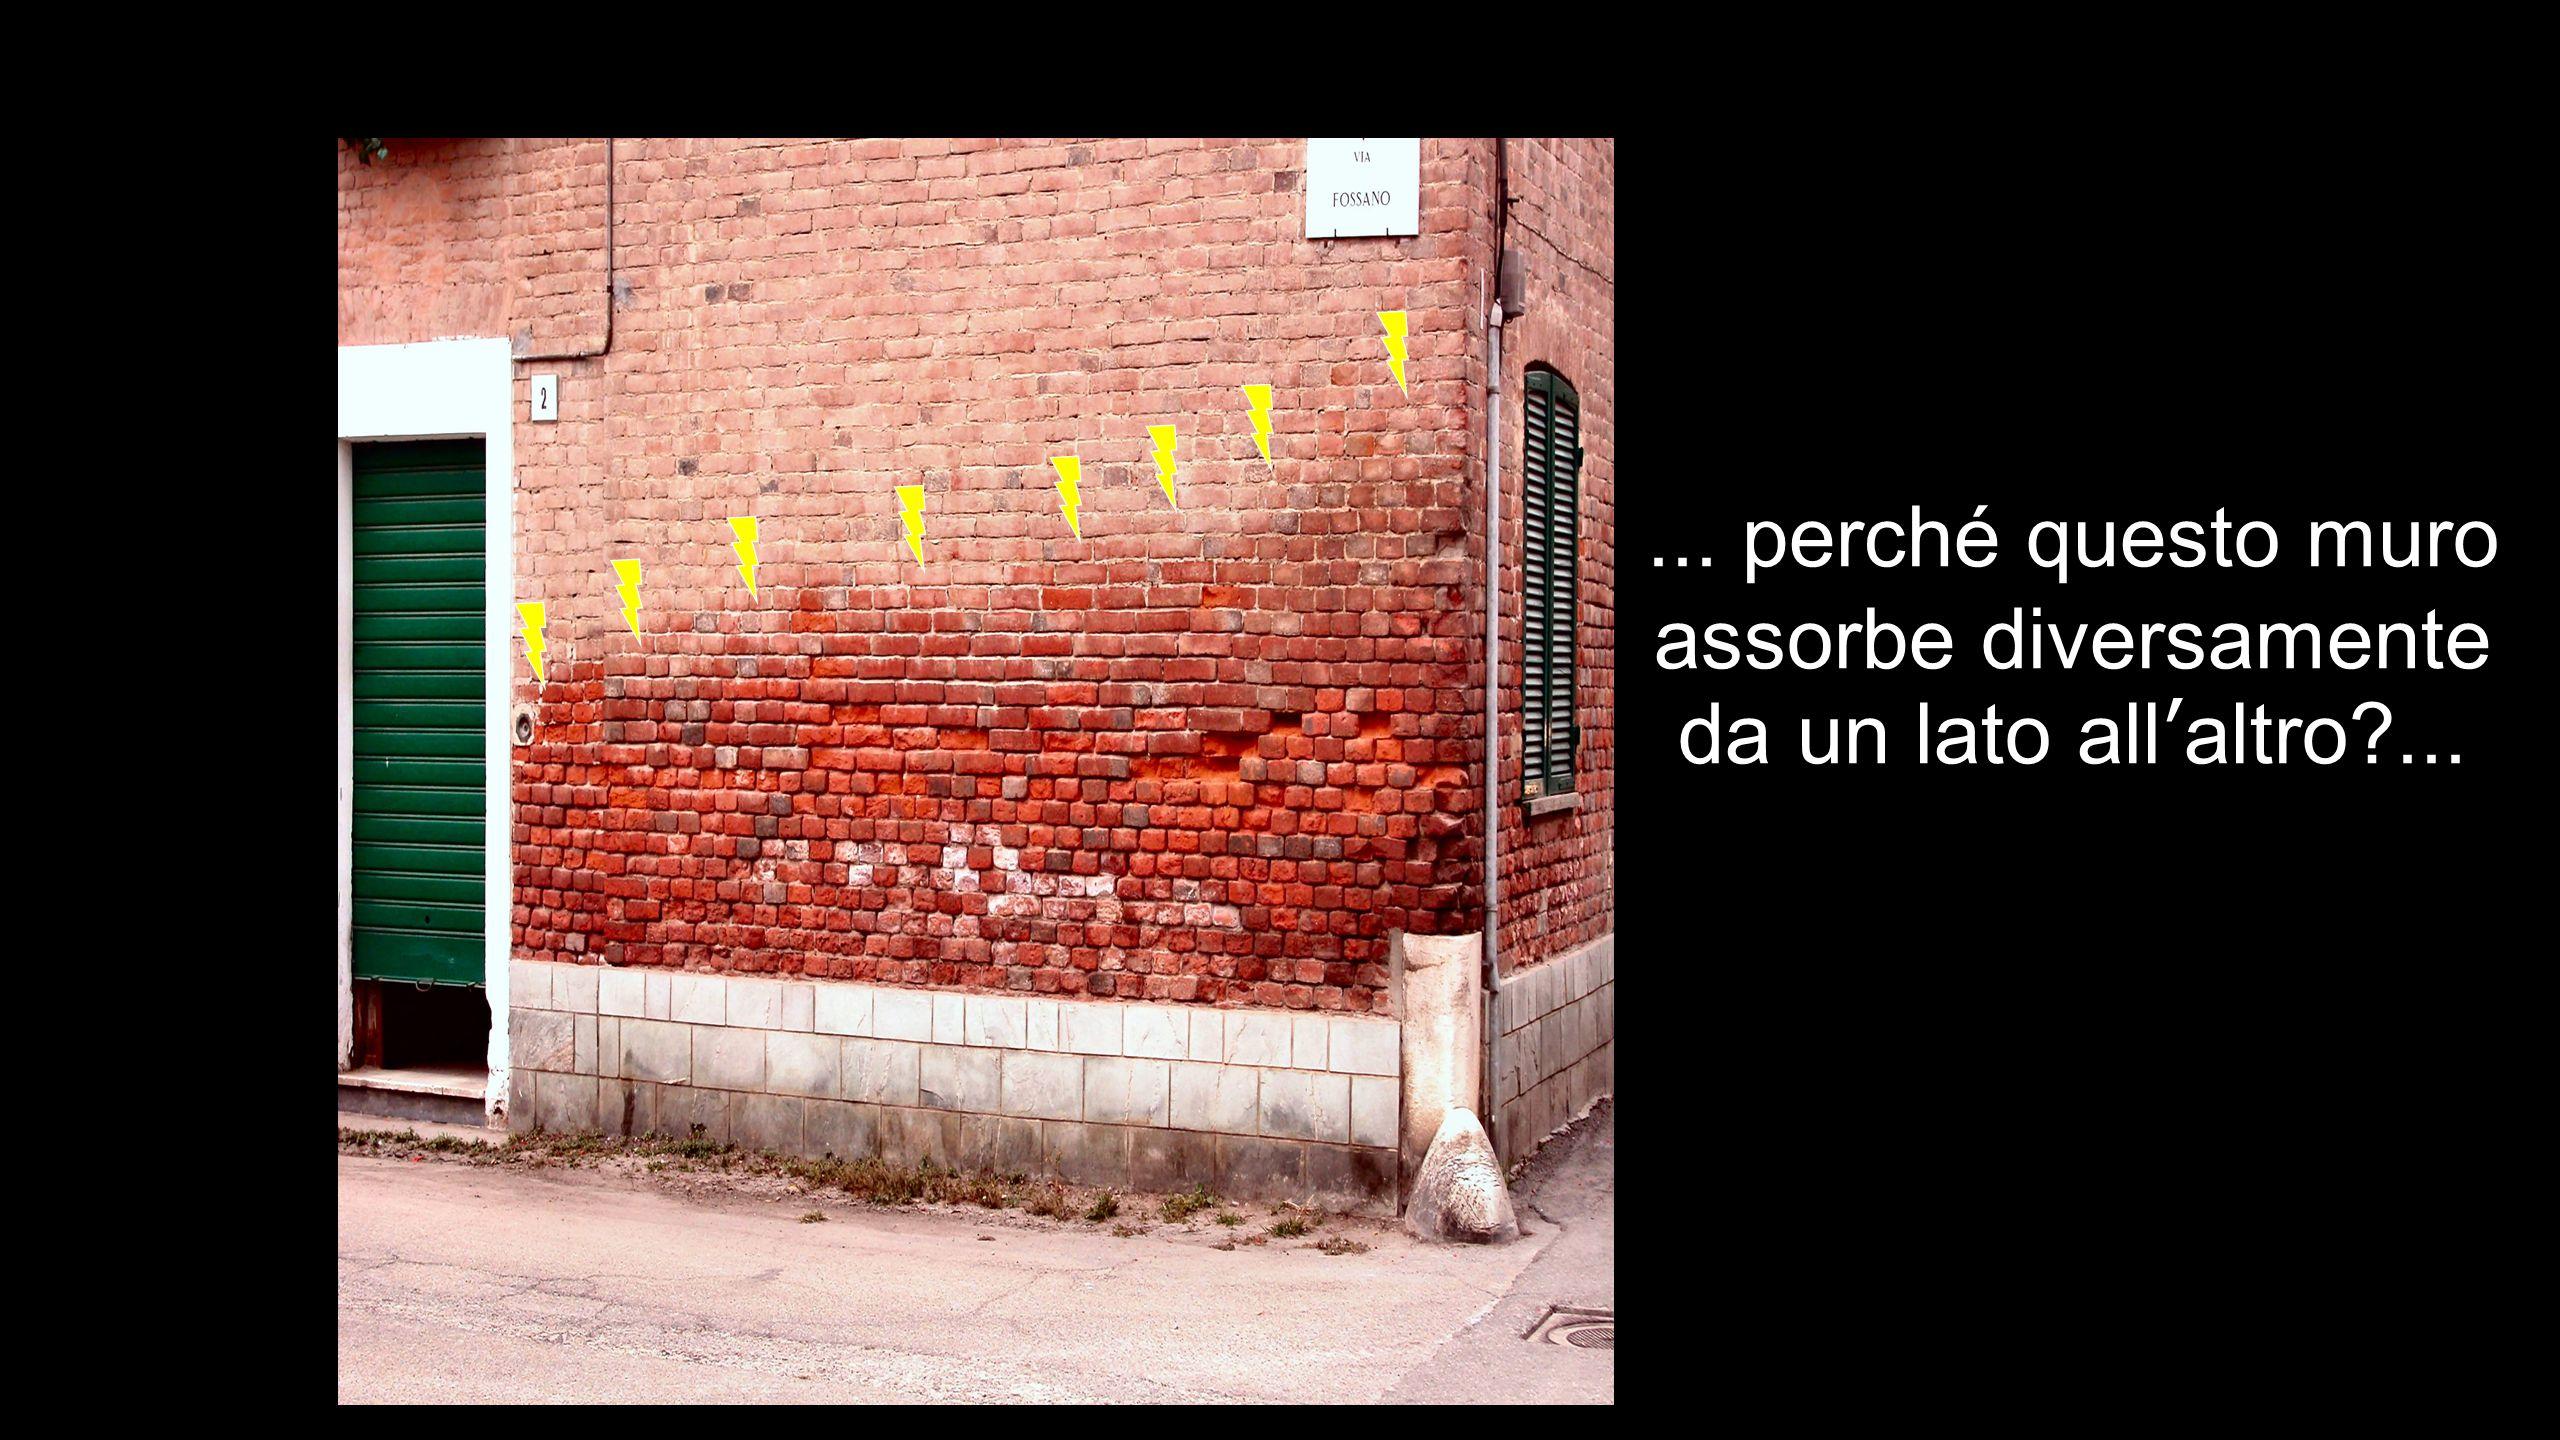 ... perché questo muro assorbe diversamente da un lato all'altro ...